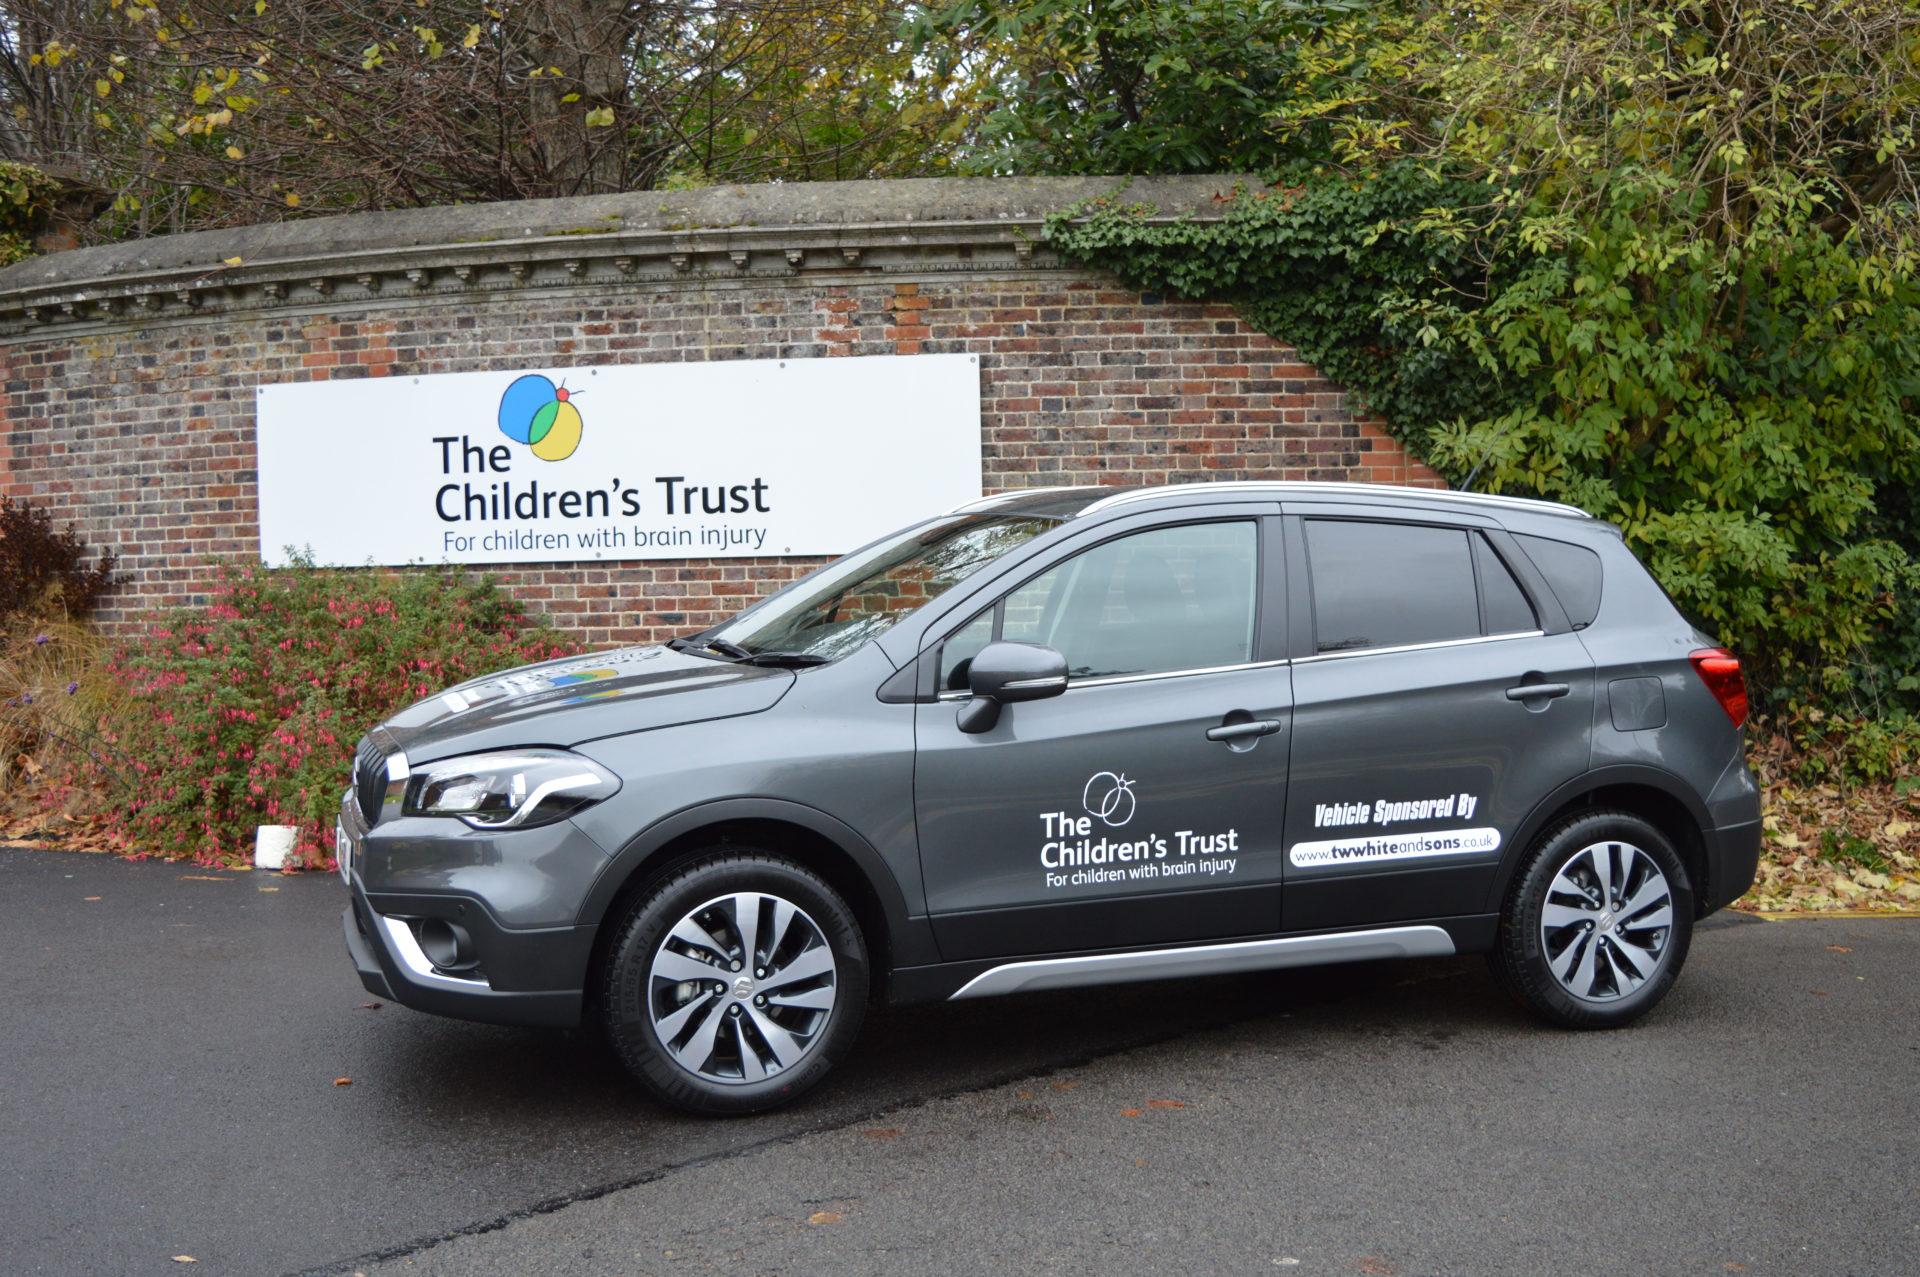 Suzuki S-Cross loaned to local children's charity